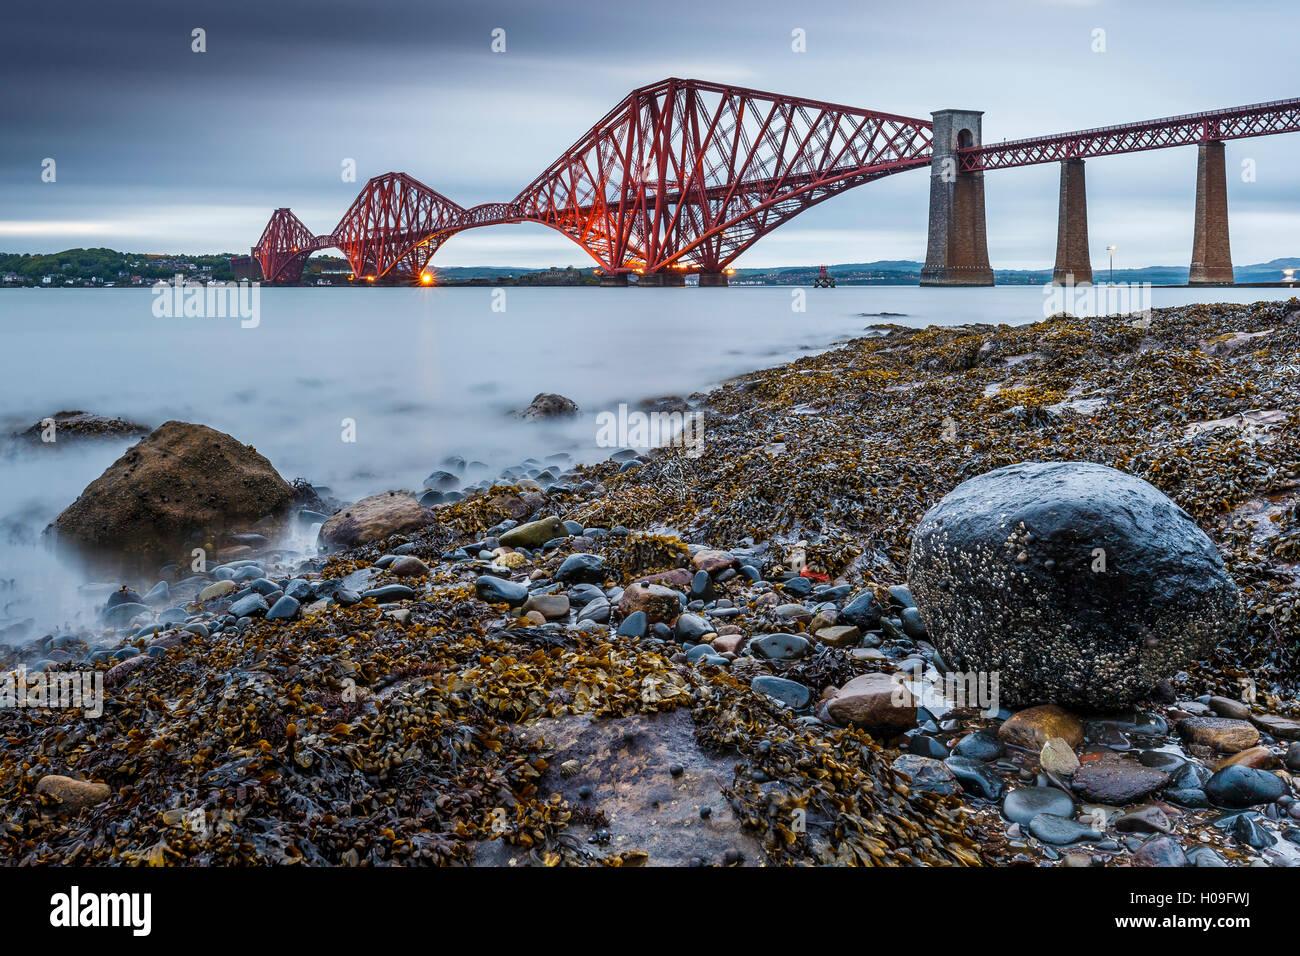 La première lumière sur le Forth Rail Bridge, l'UNESCO, et le Firth of Forth, South Queensferry, Edinburgh, Photo Stock